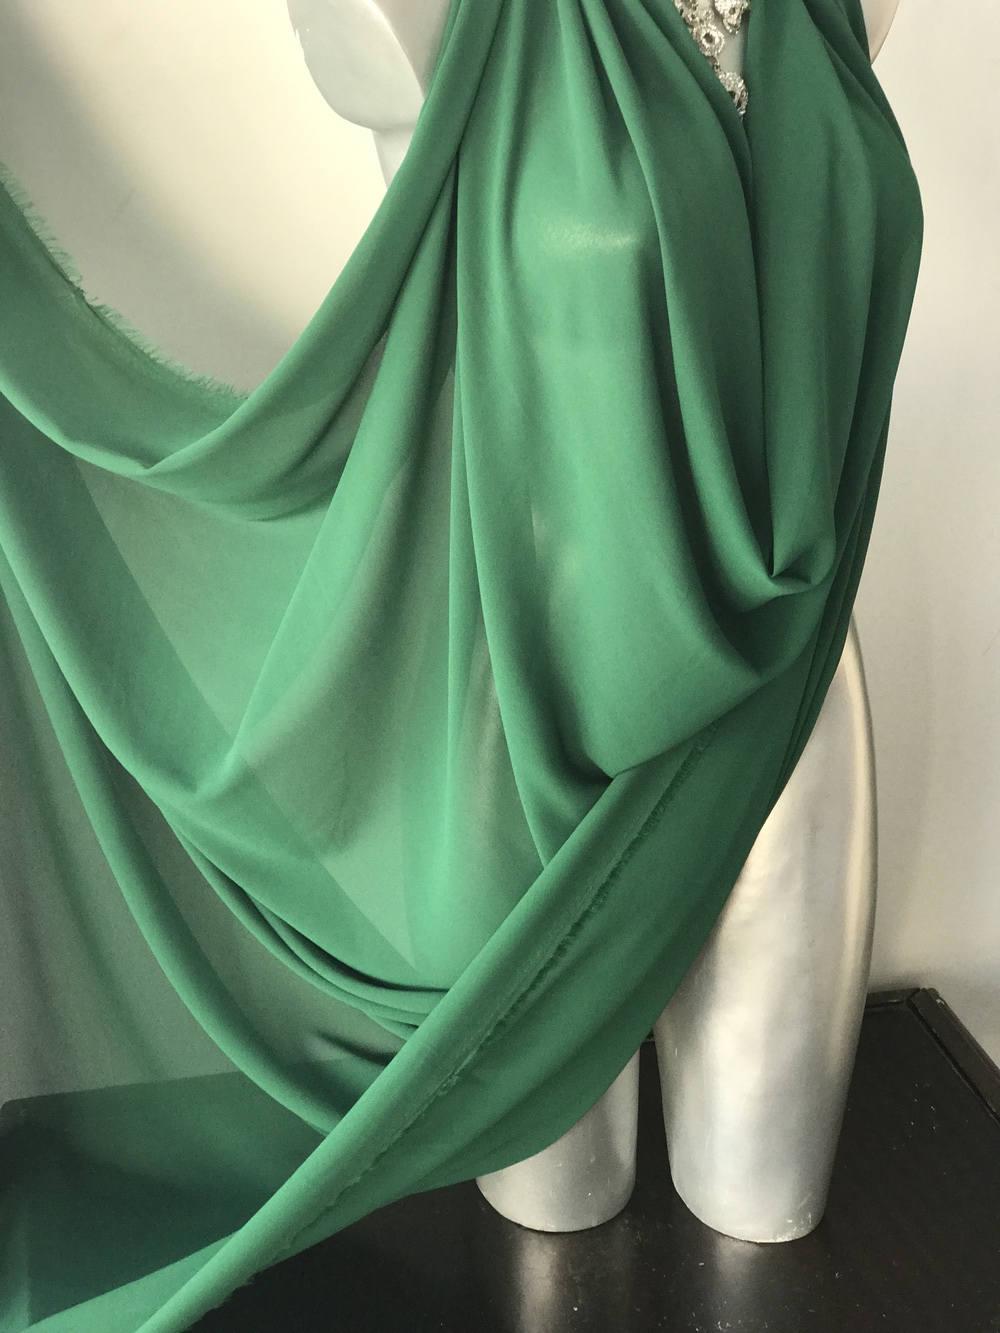 Green Emerald Polyester Chiffon Fabric Pebble Chiffon